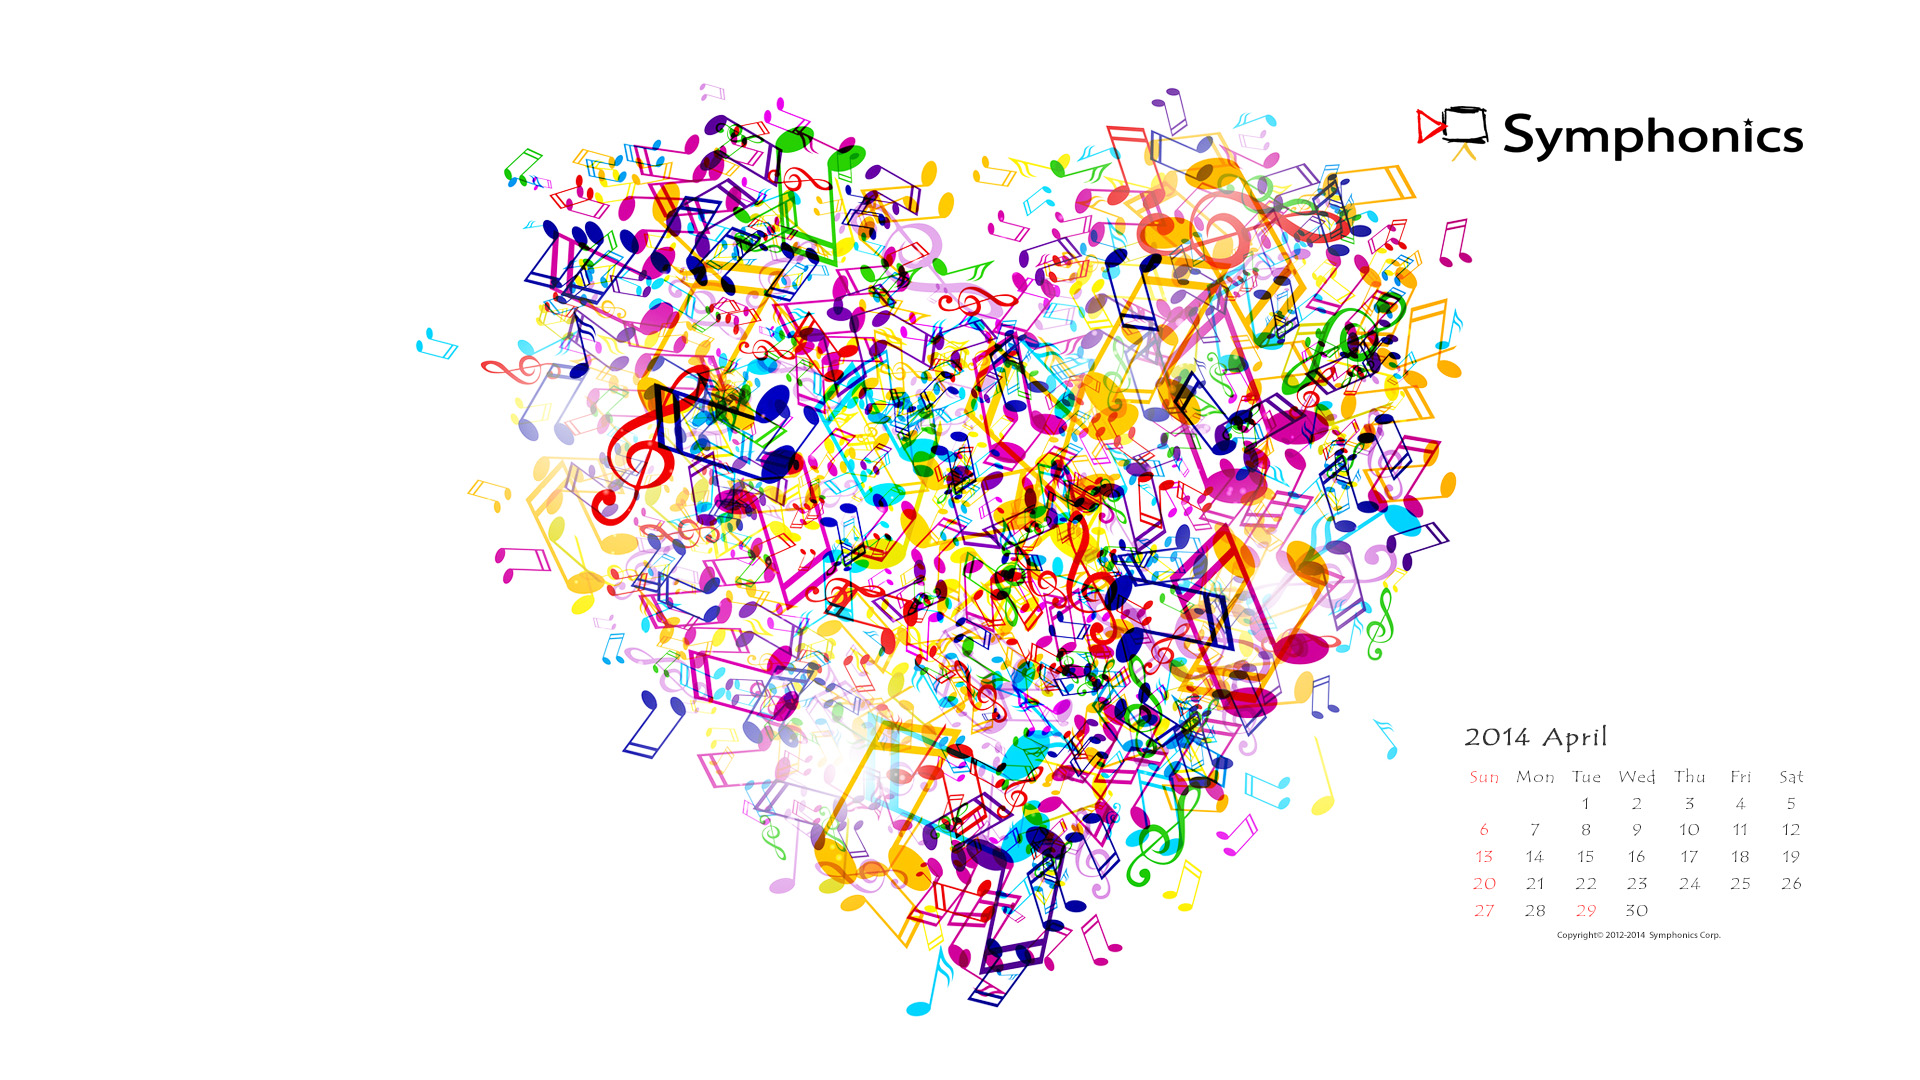 14年4月のsymphonics壁紙 Symphonics シンフォニクス株式会社 映像制作 技術 オーケストラ コンサートdvd ビデオ撮影